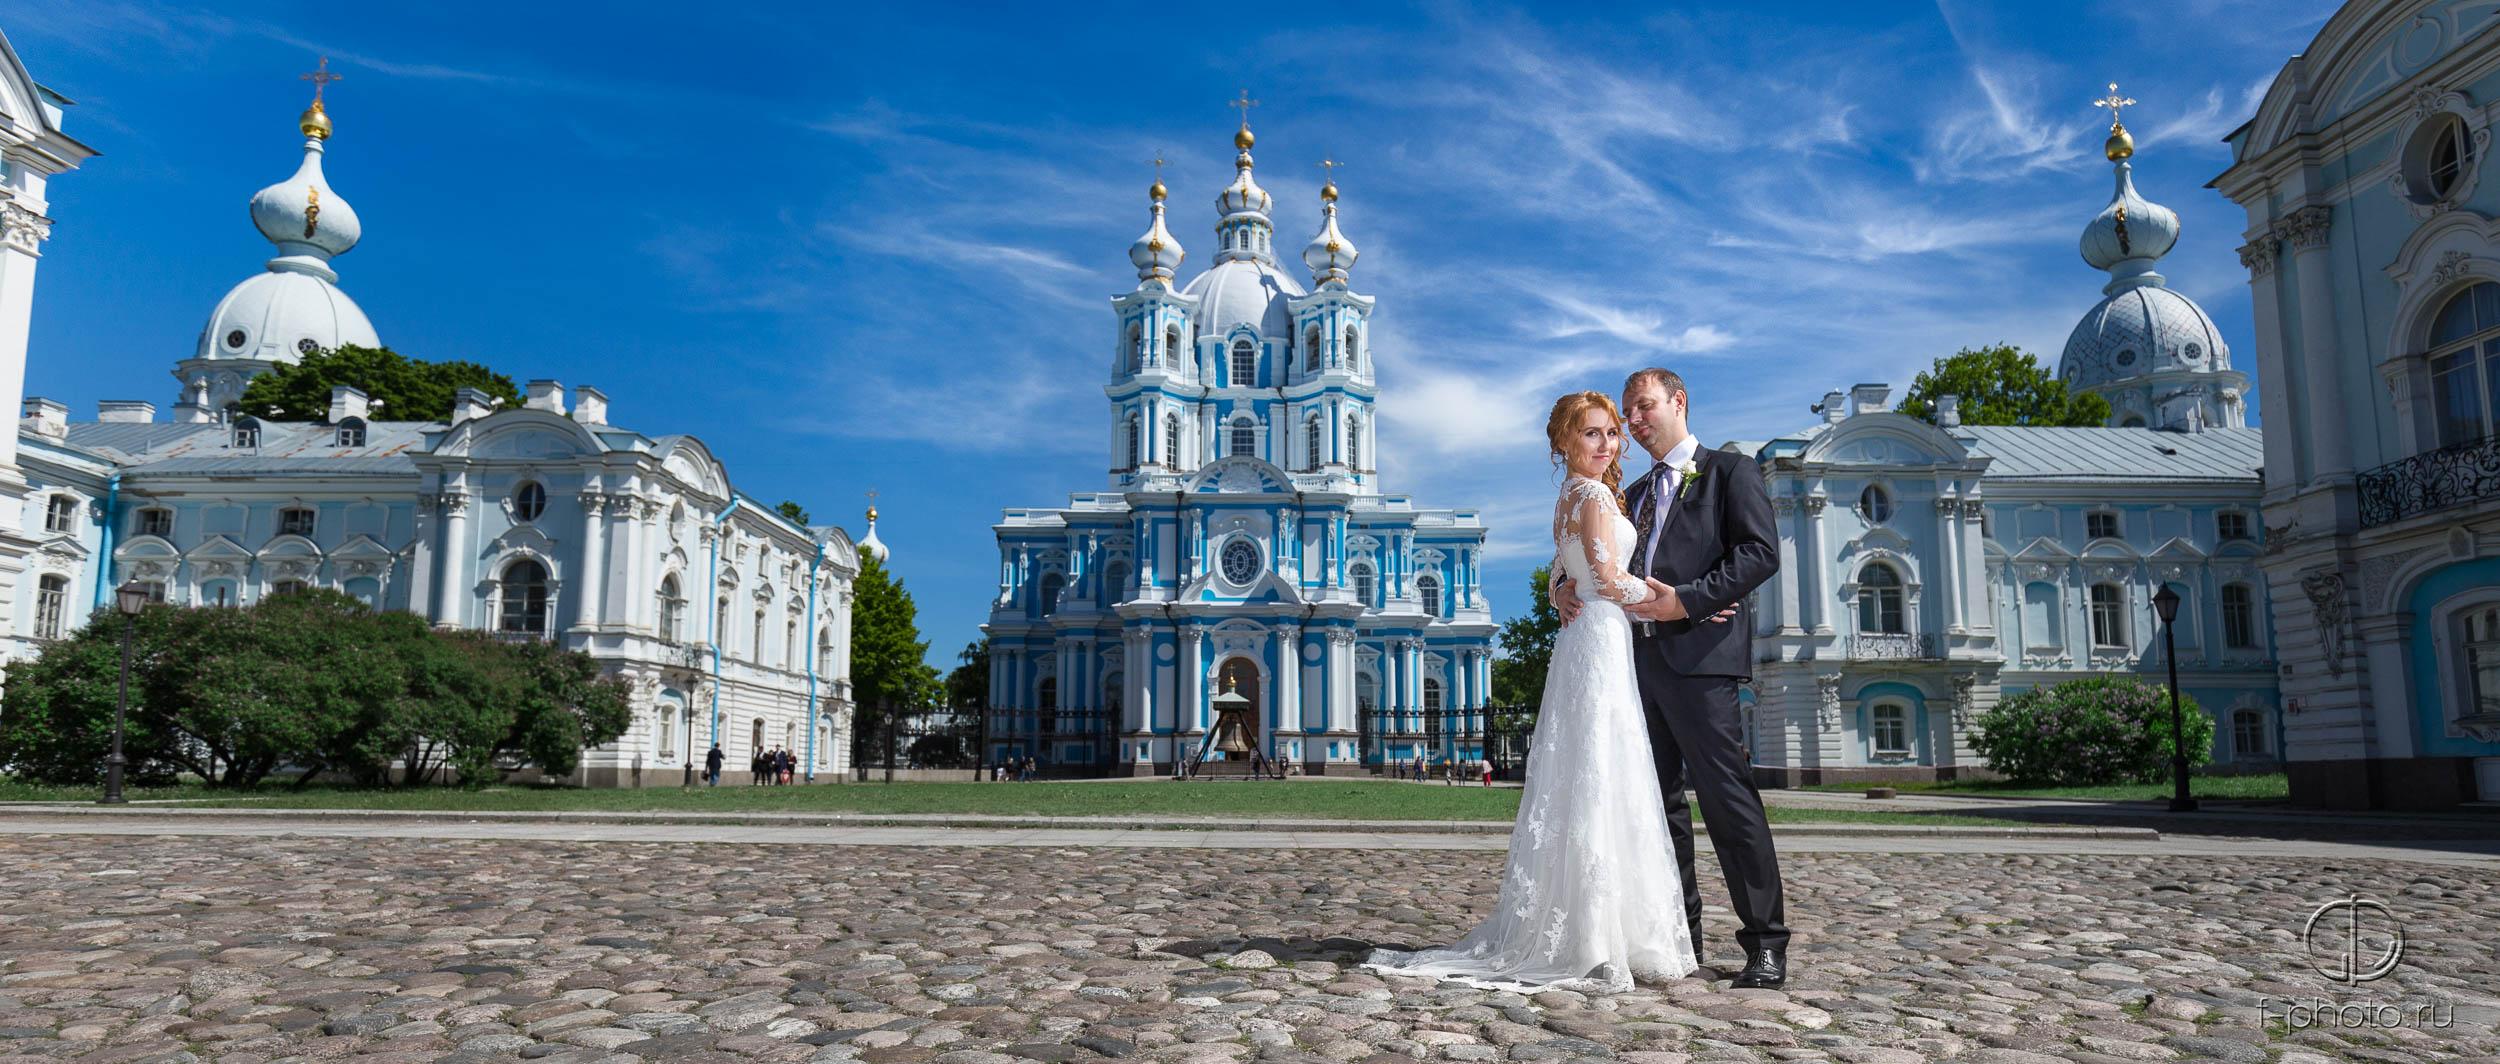 Copy of Свадебный фотограф Питер